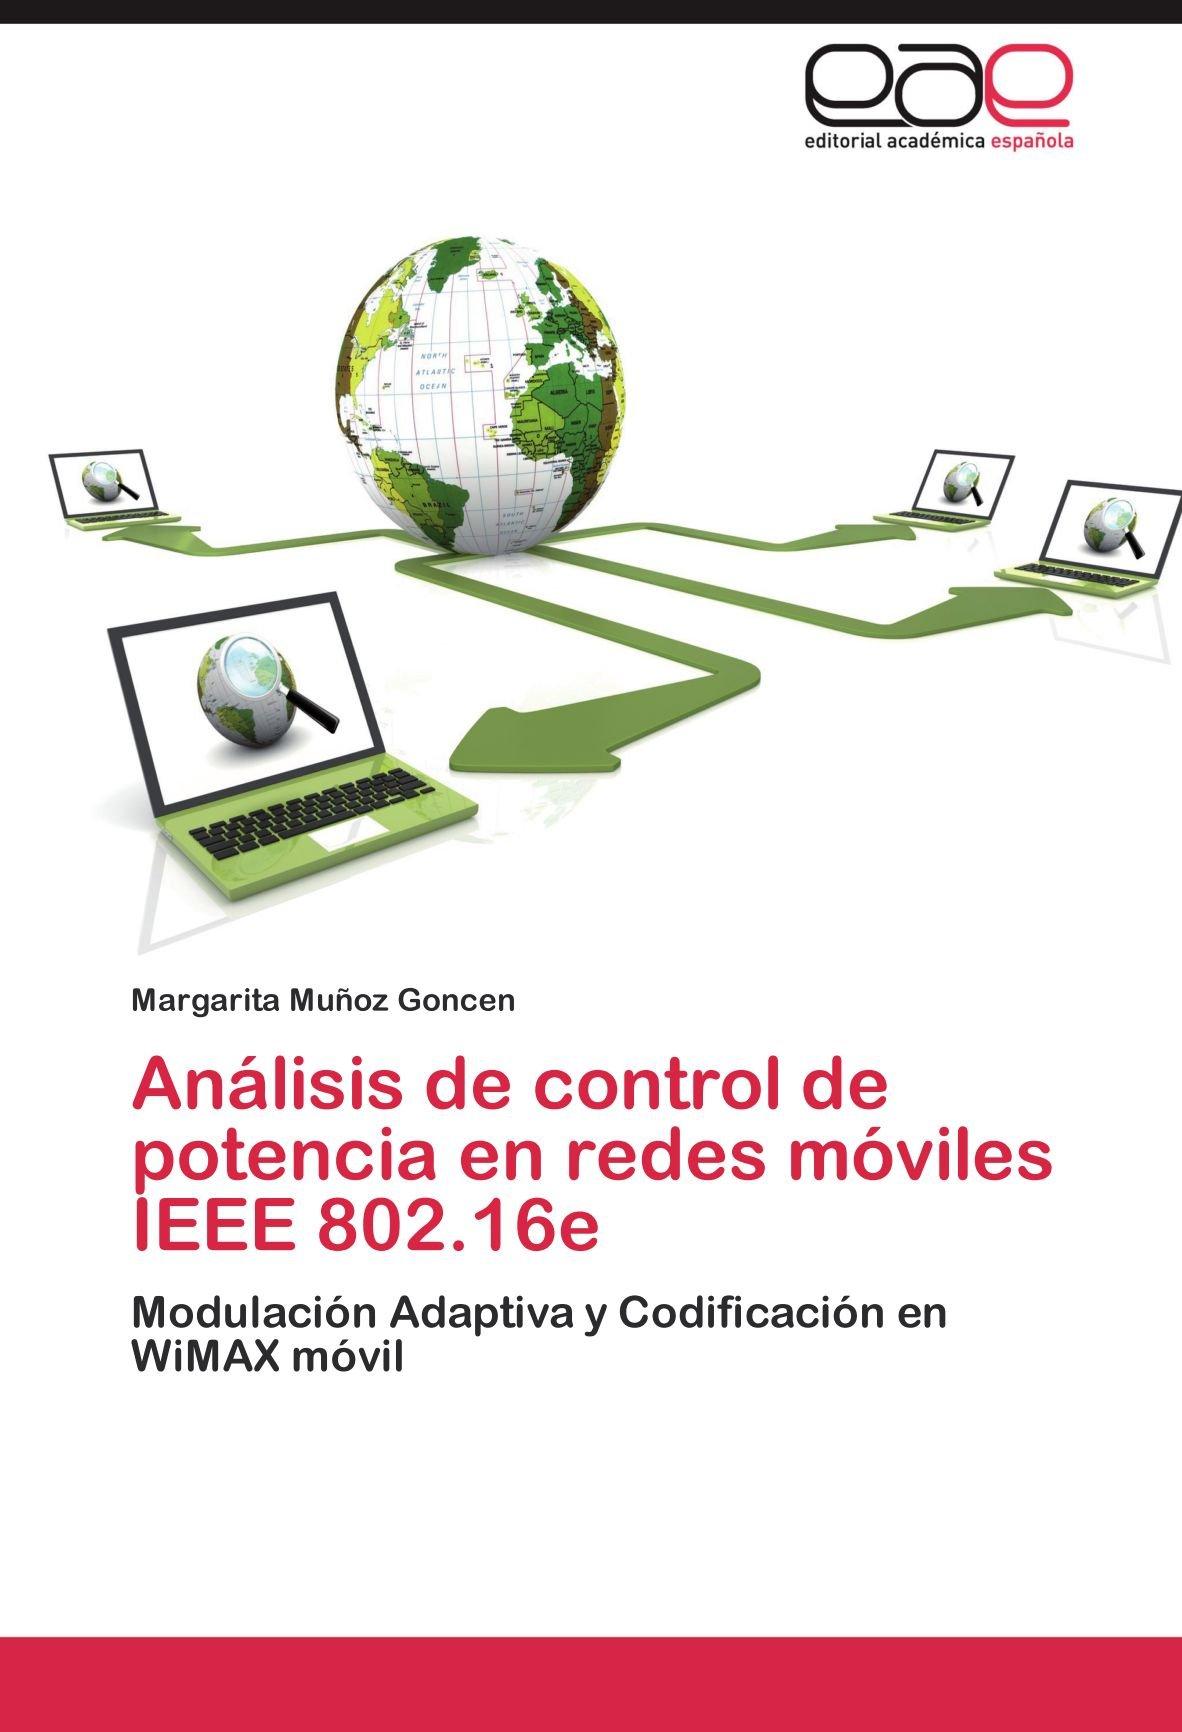 Download Análisis de control de potencia en redes móviles IEEE 802.16e: Modulación Adaptiva y Codificación en WiMAX móvil (Spanish Edition) pdf